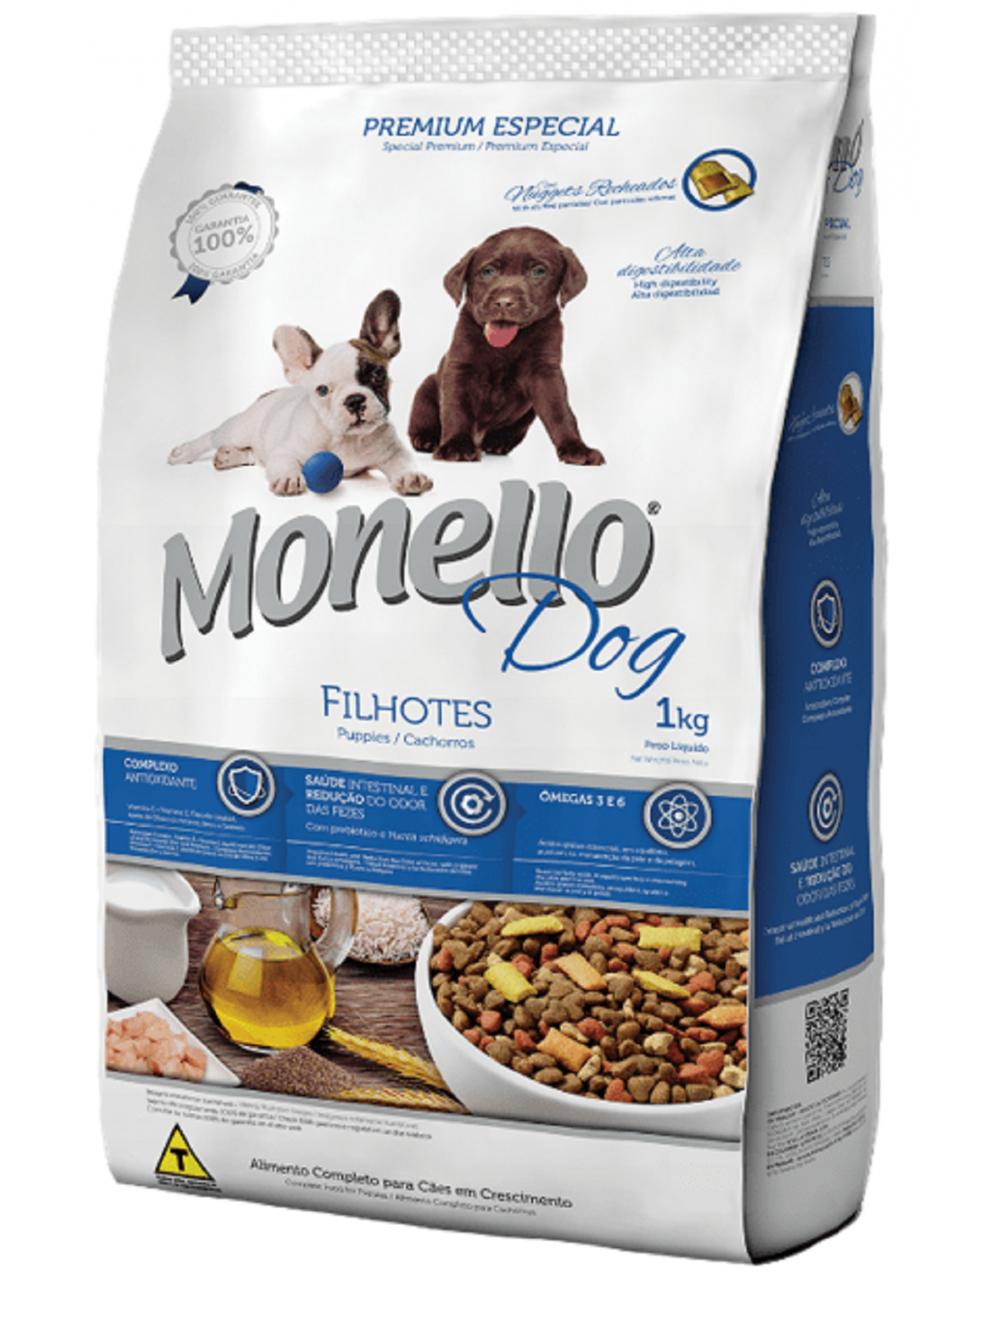 Monello Dog Puppy